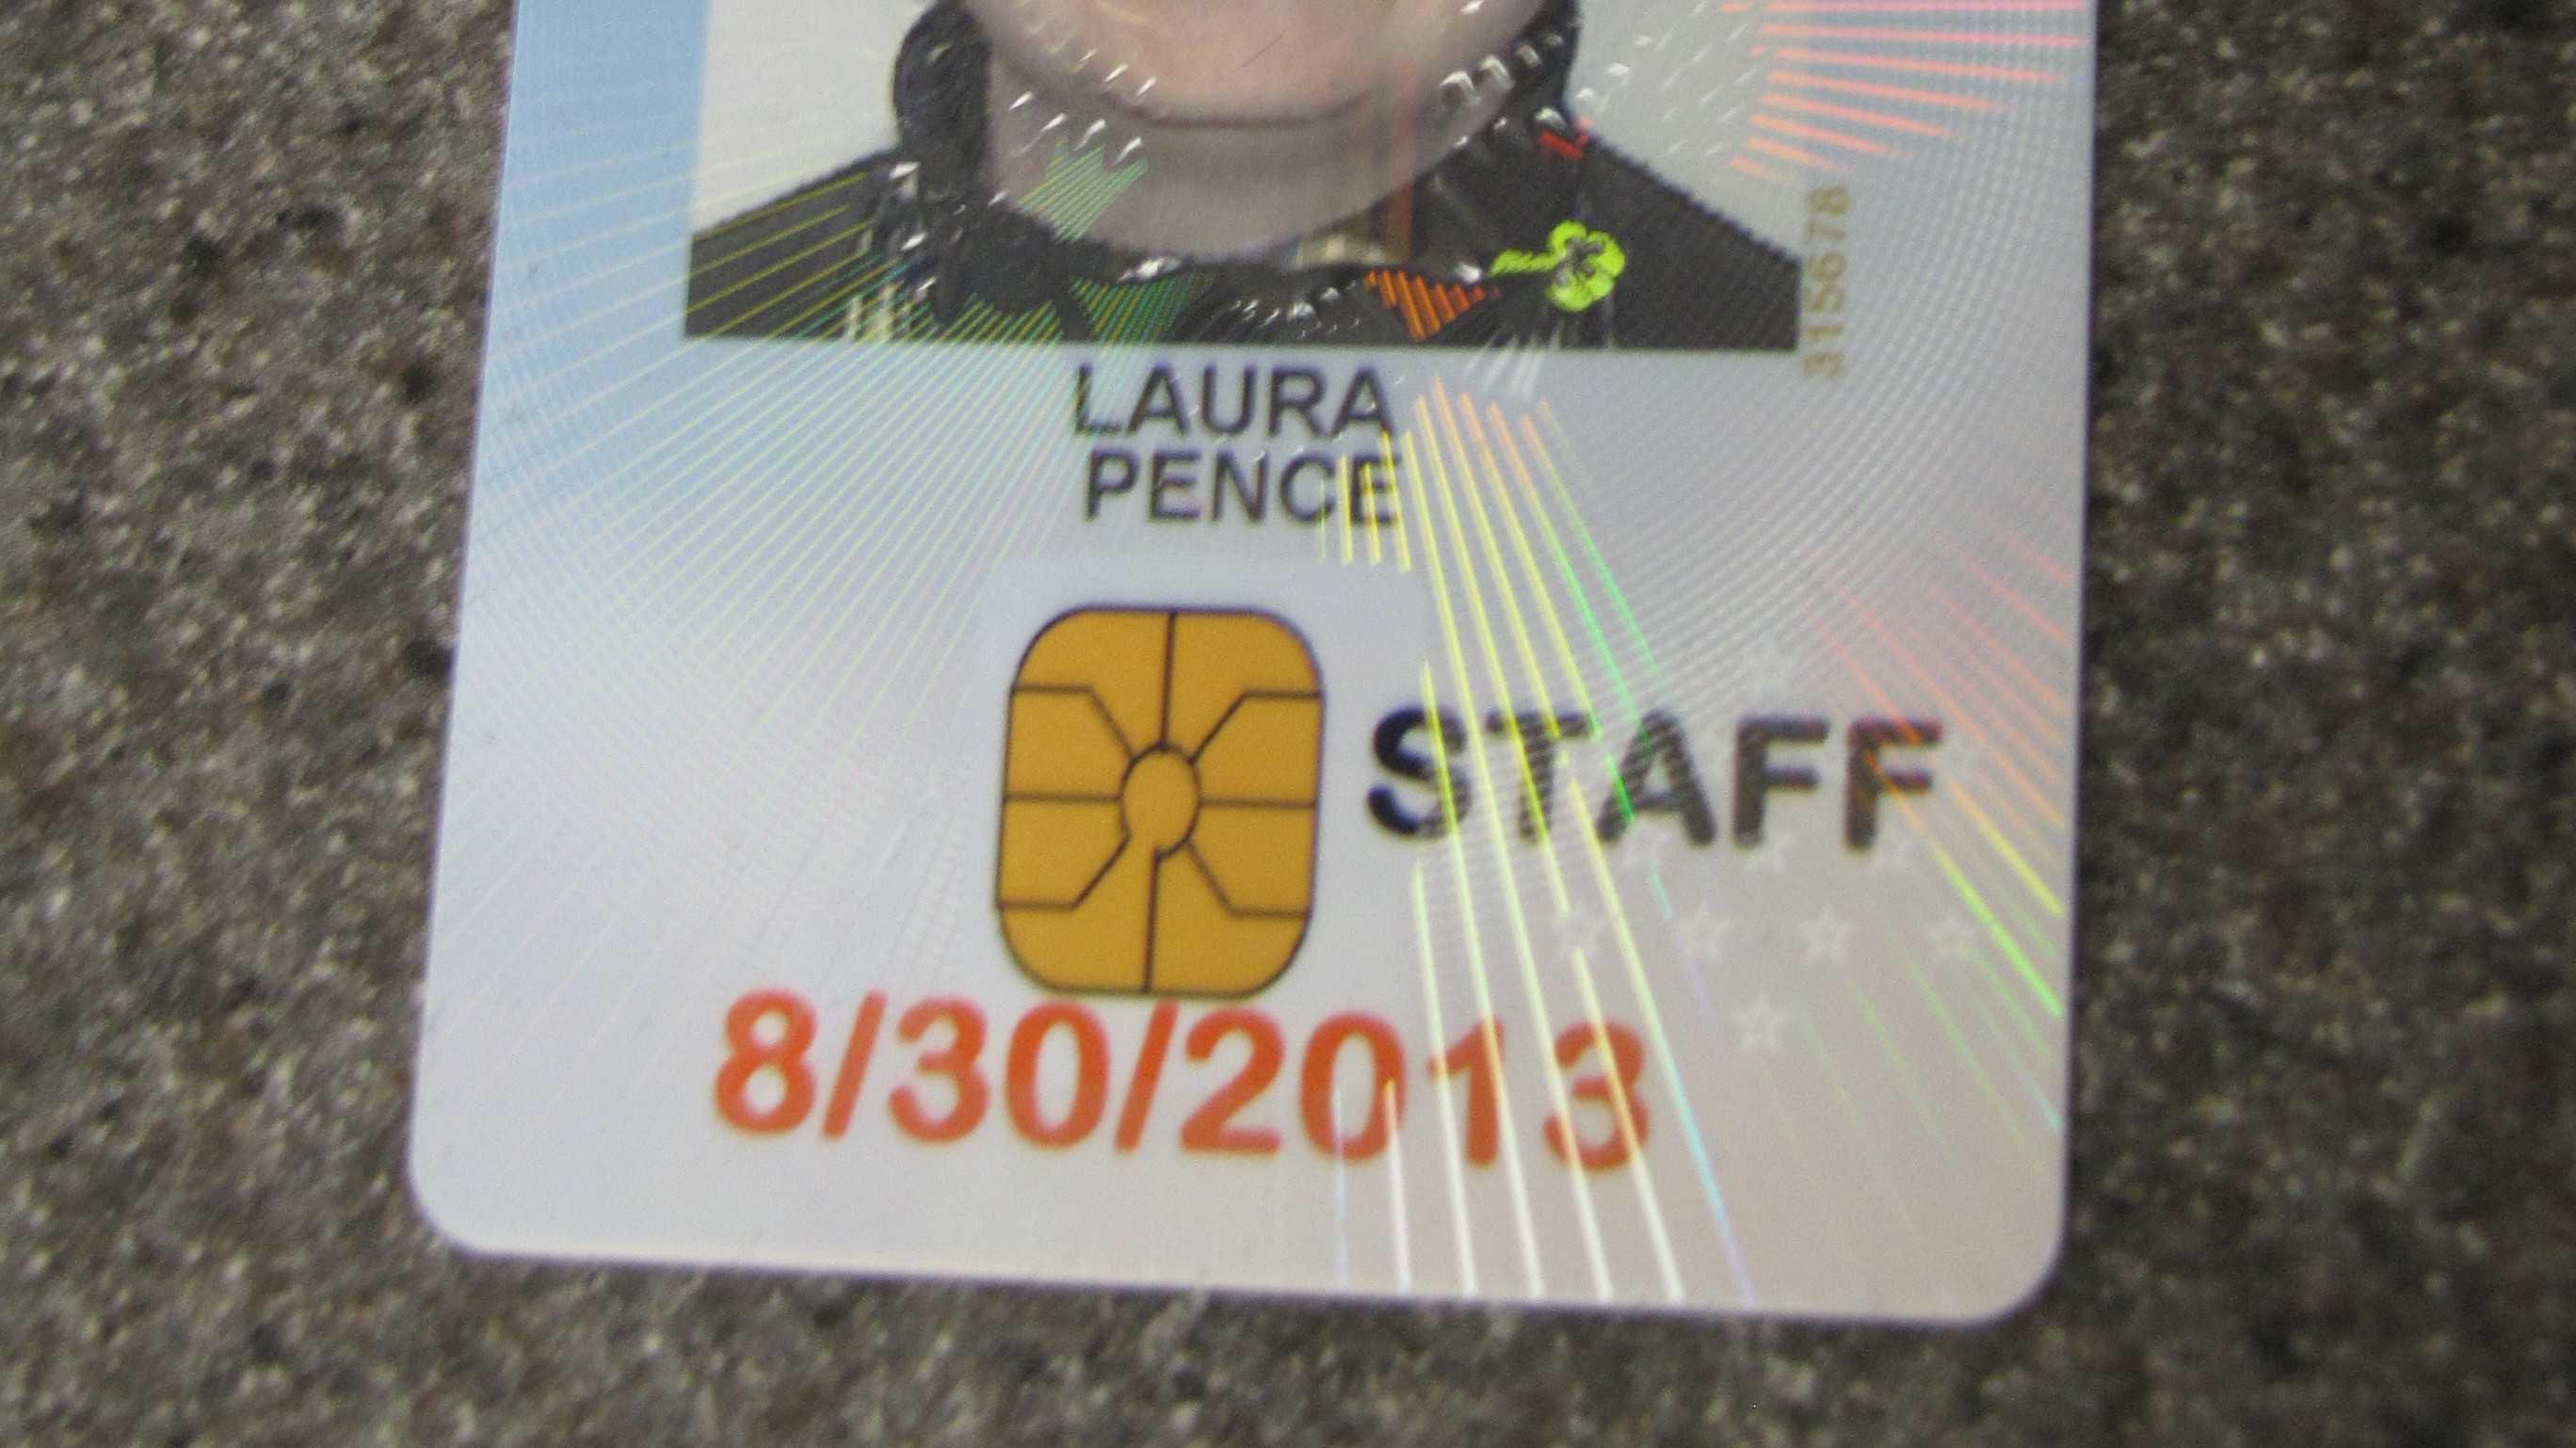 Zugangskarten zum US-Senat: Bild eines Smart-Chips statt Smart-Chip